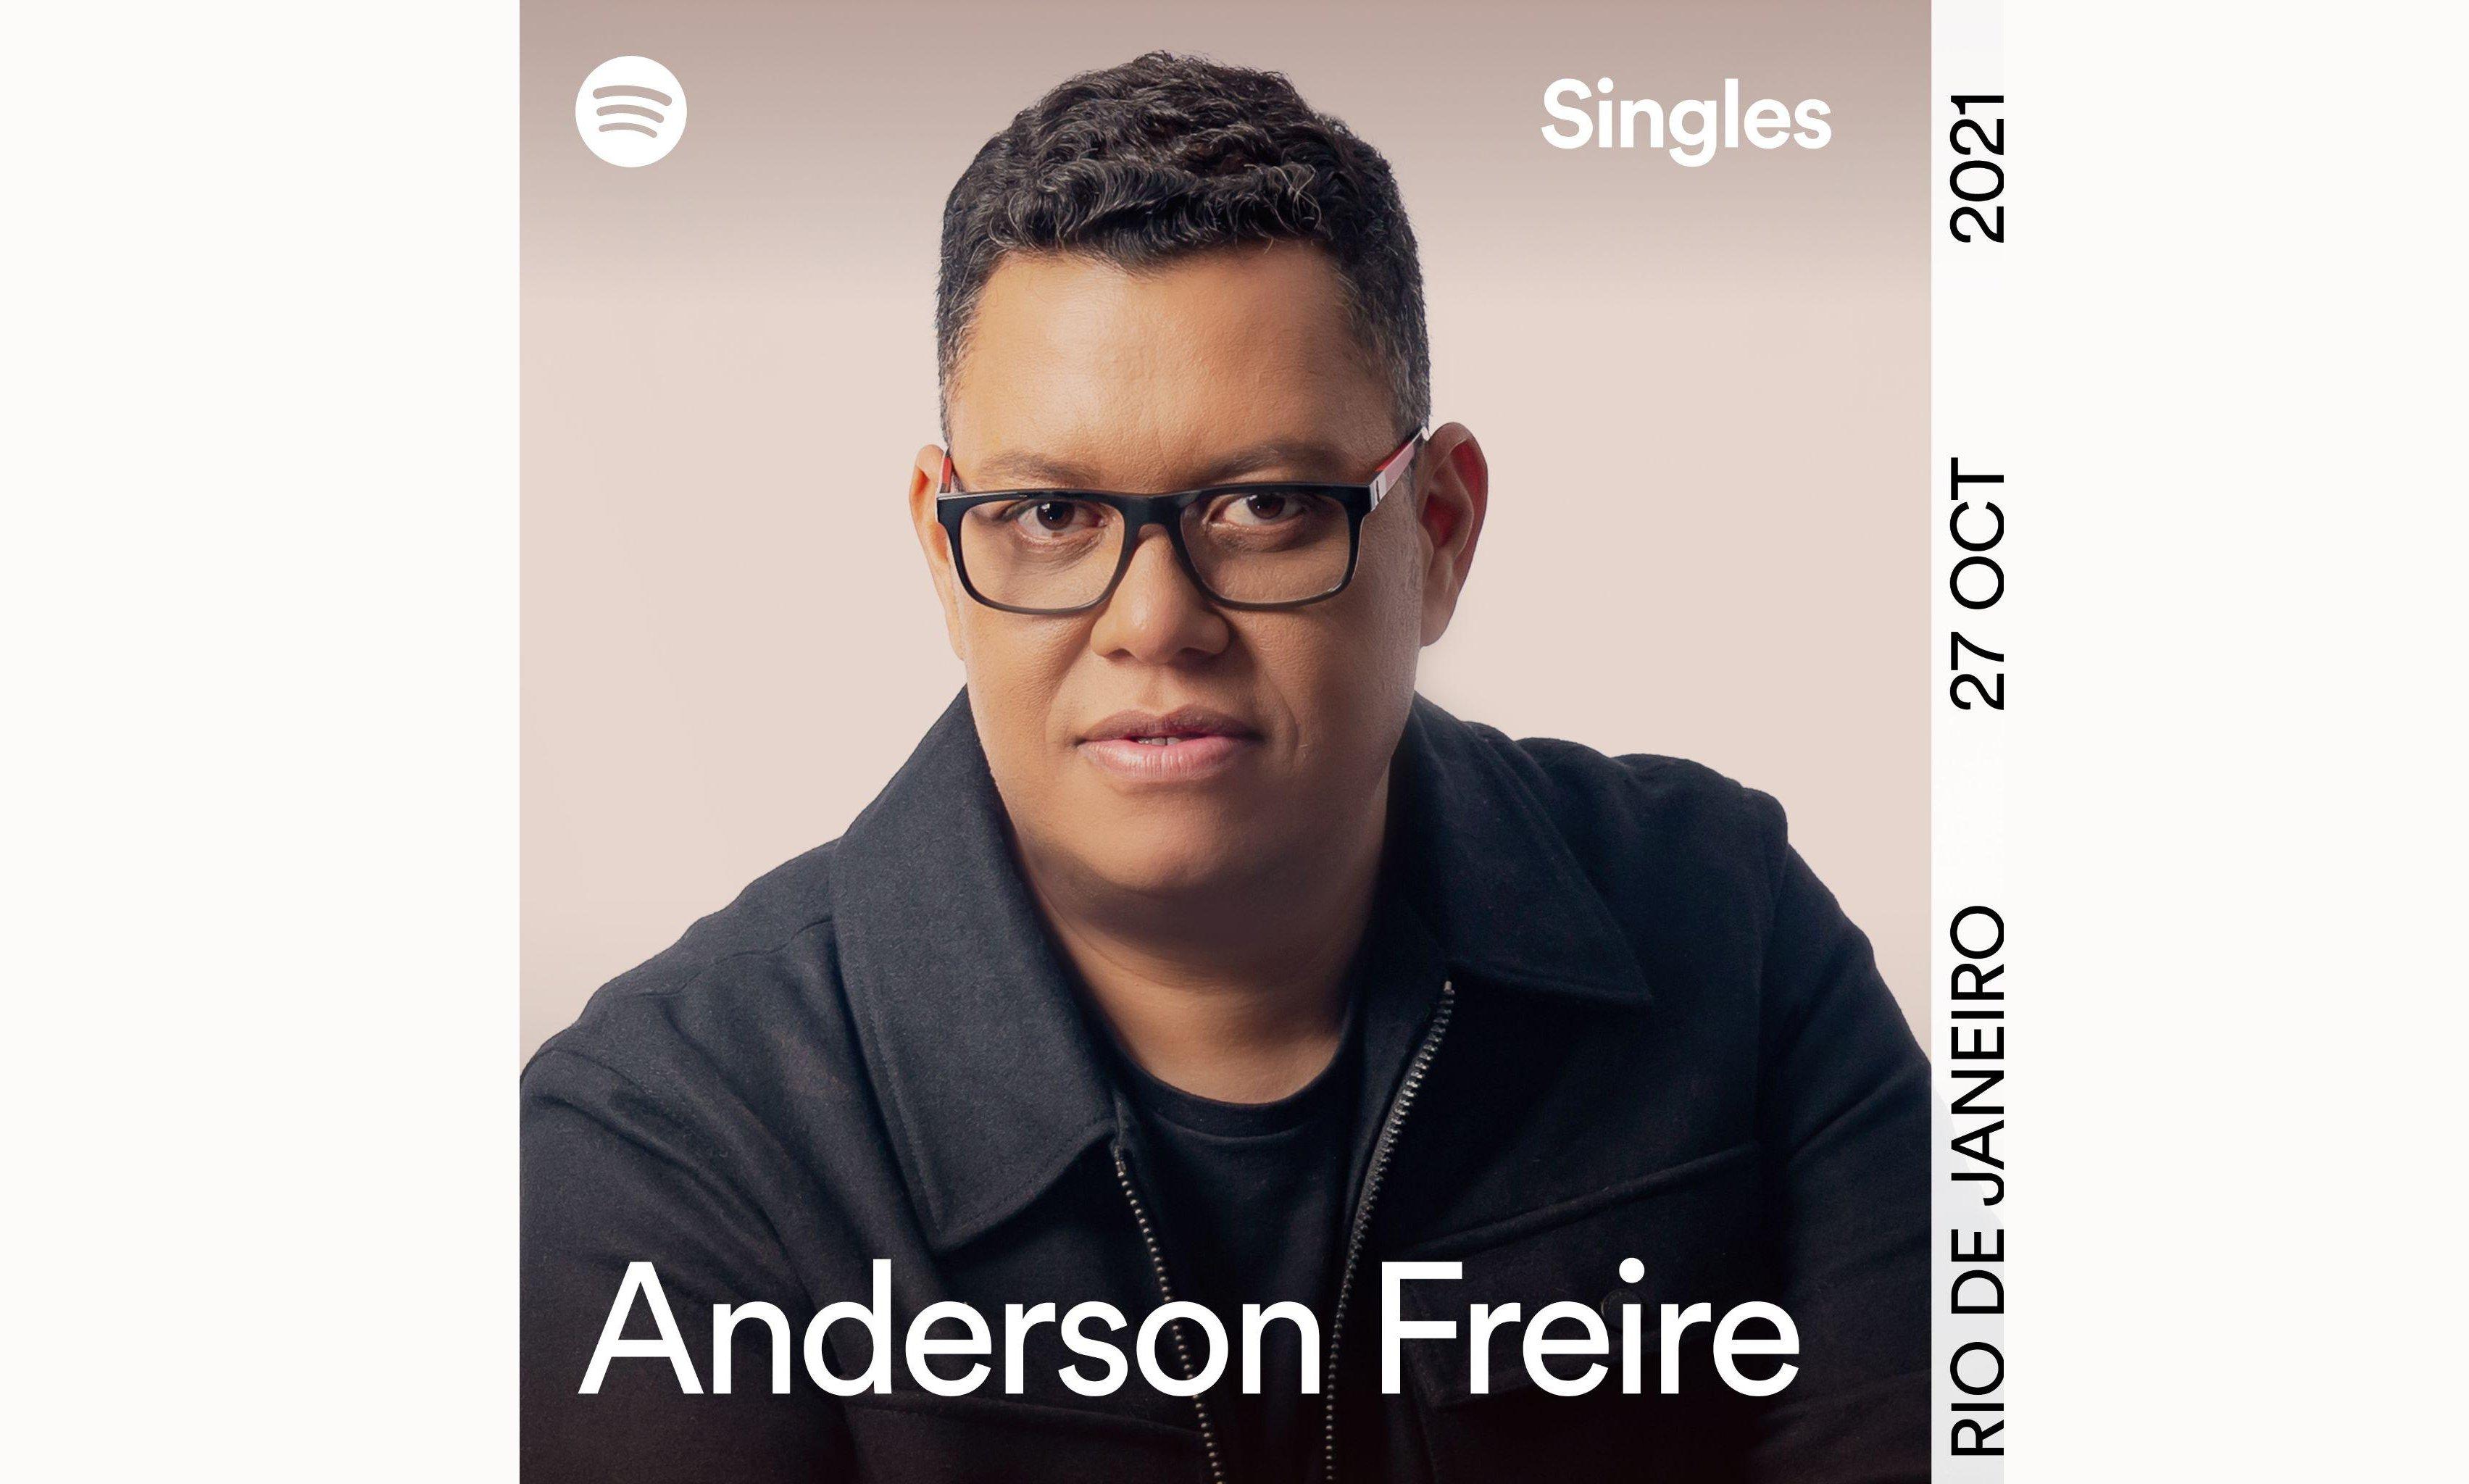 Anderson Freire é o primeiro cantor gospel a gravar Spotify Singles no Brasil